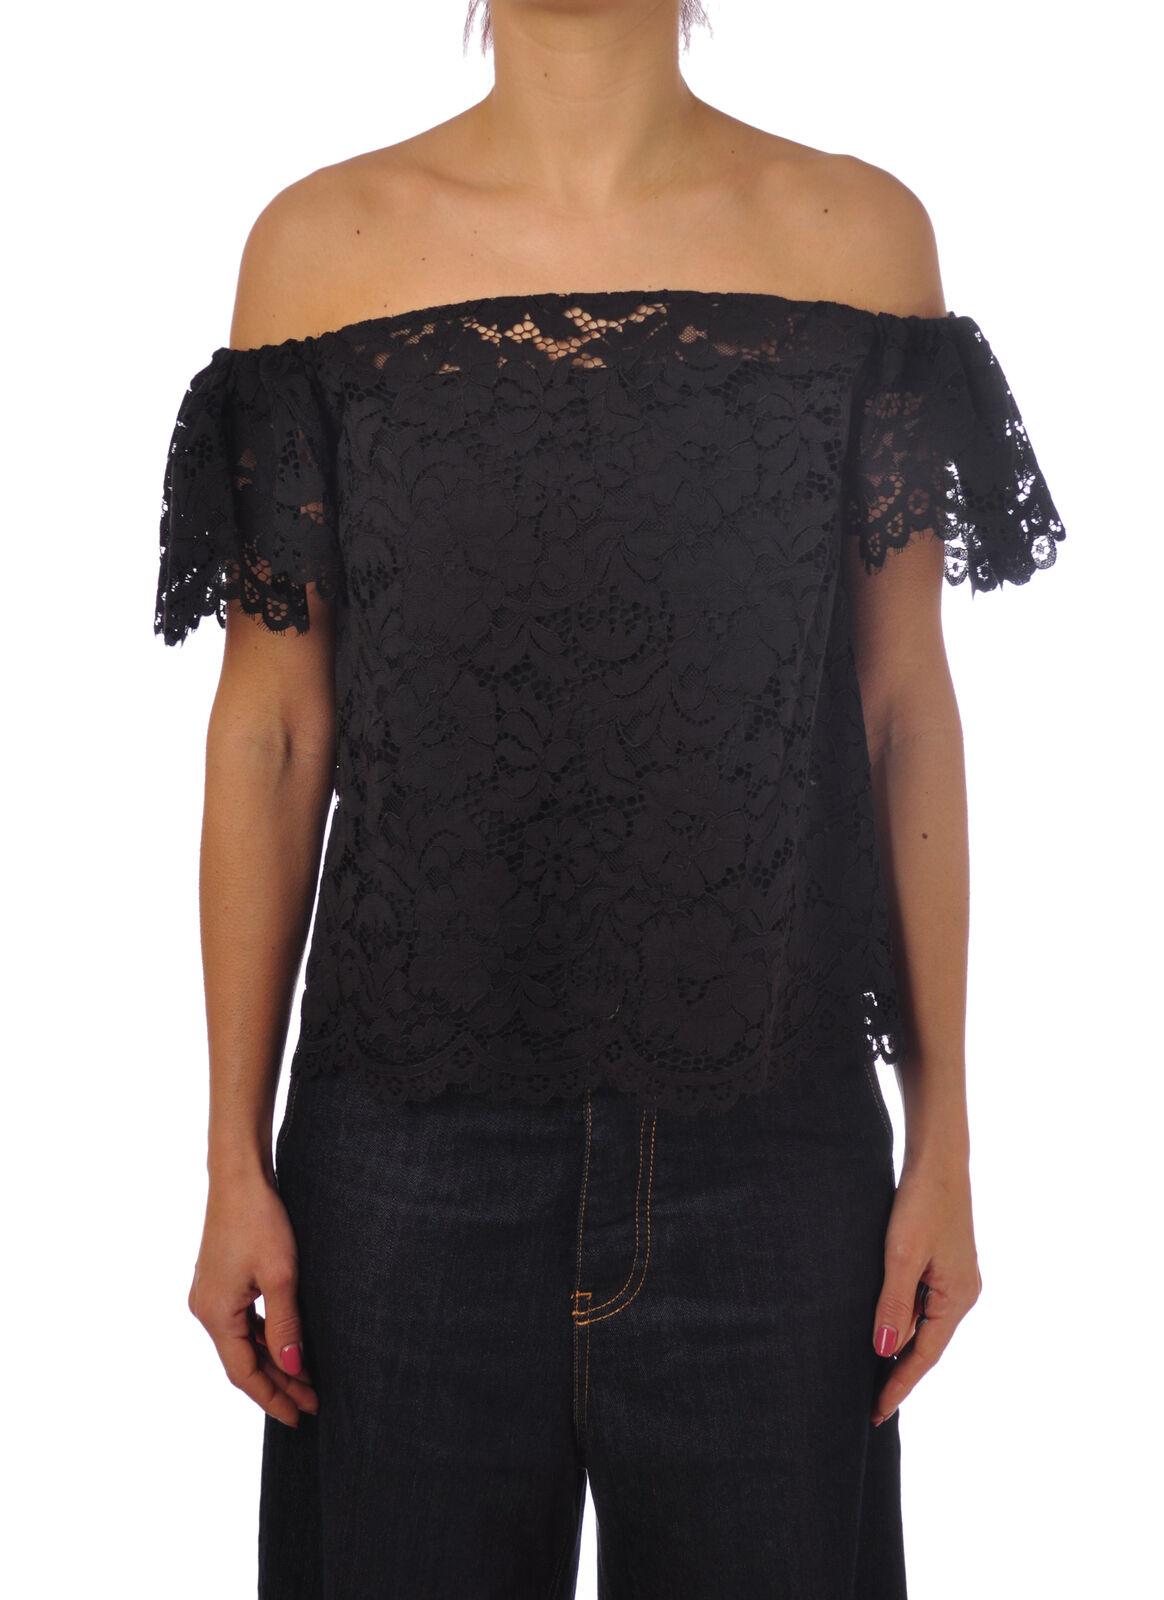 Twin Set - Shirts-Blouses - Woman - schwarz - 5109010H185520